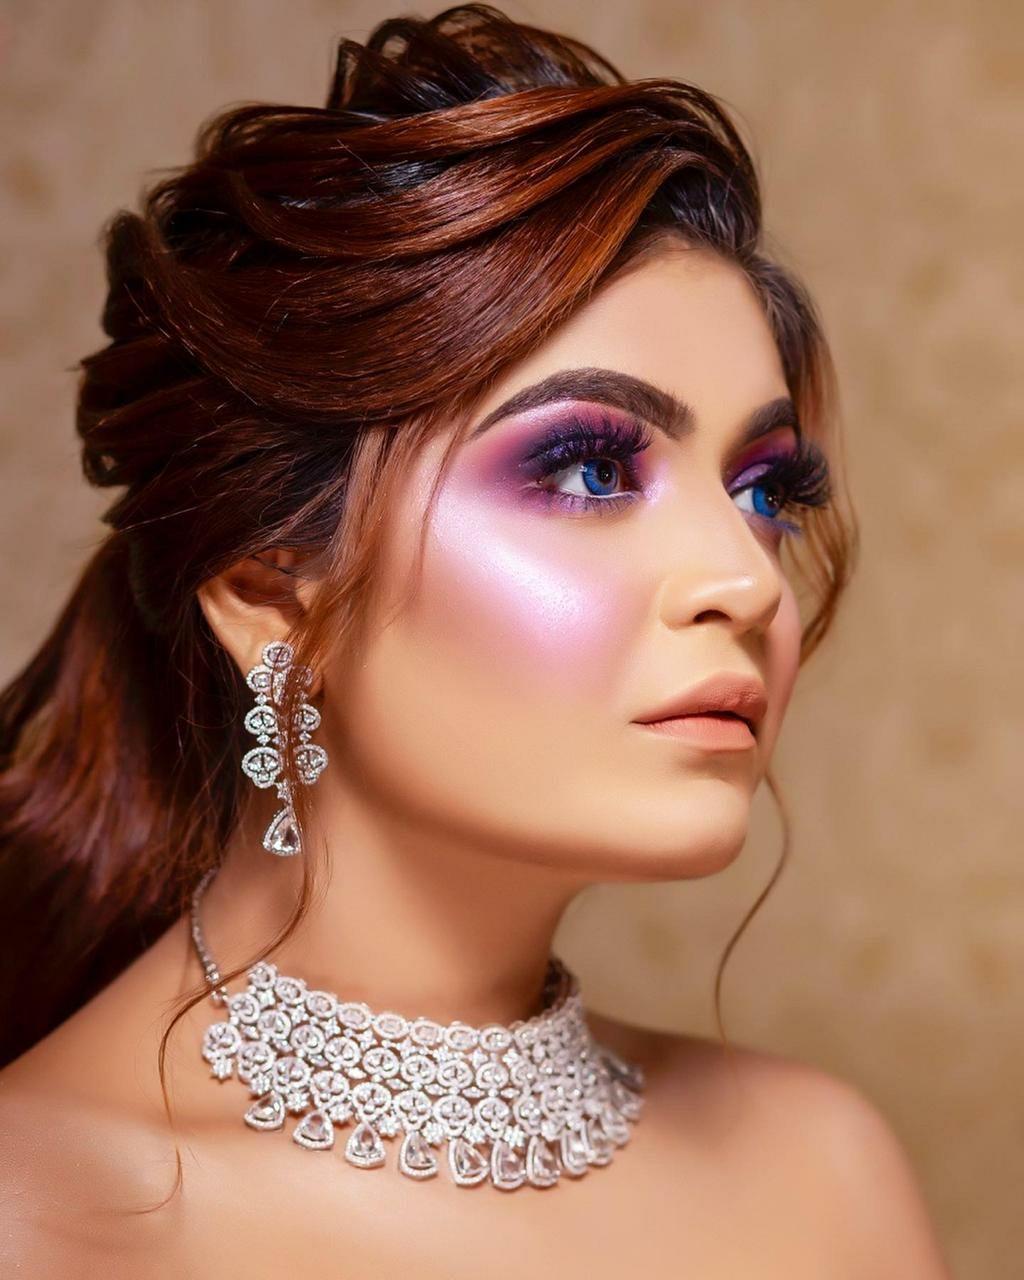 makeup artist in lucknow - look 3